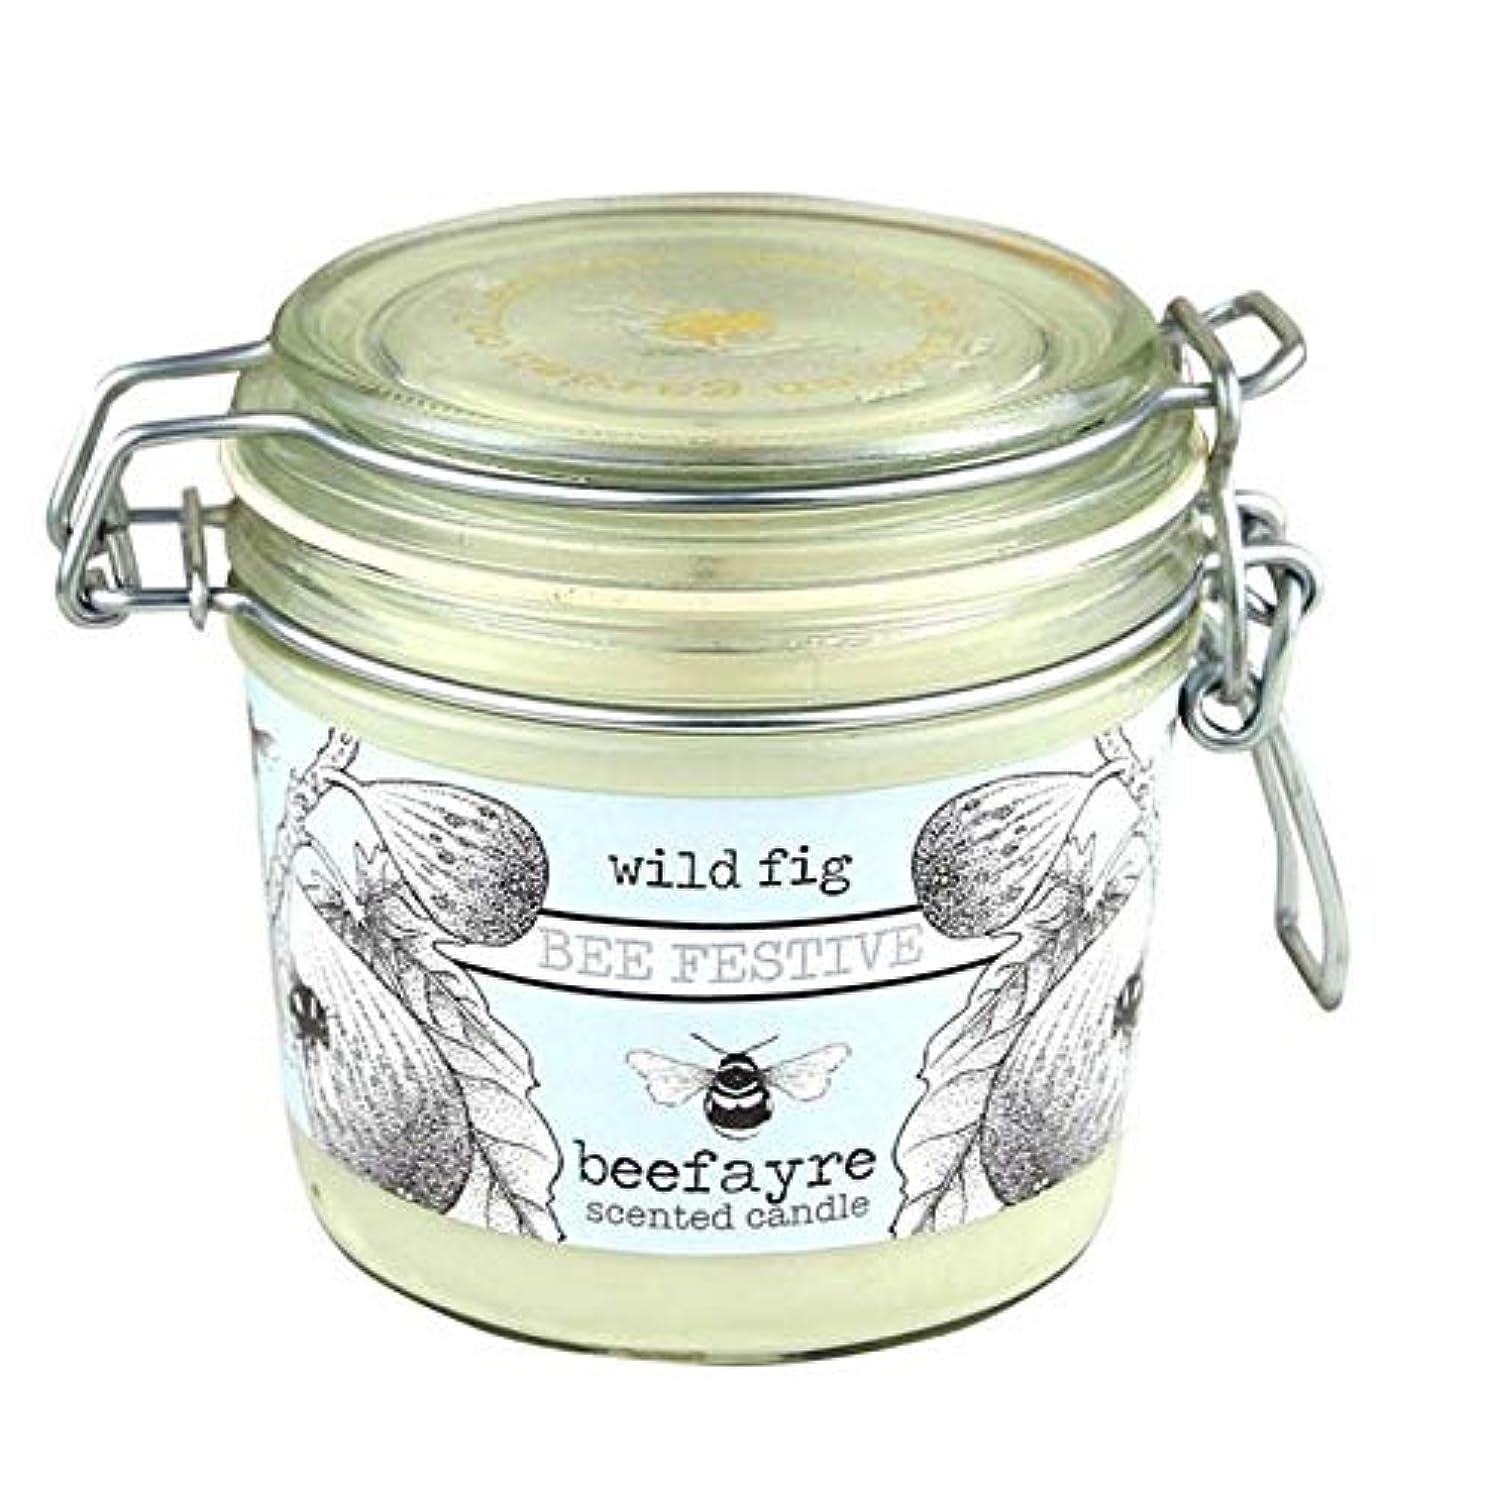 感嘆符置換予算[Beefayre] 野生のイチジク大きな香りのキャンドルBeefayre - Beefayre Wild Fig Large Scented Candle [並行輸入品]